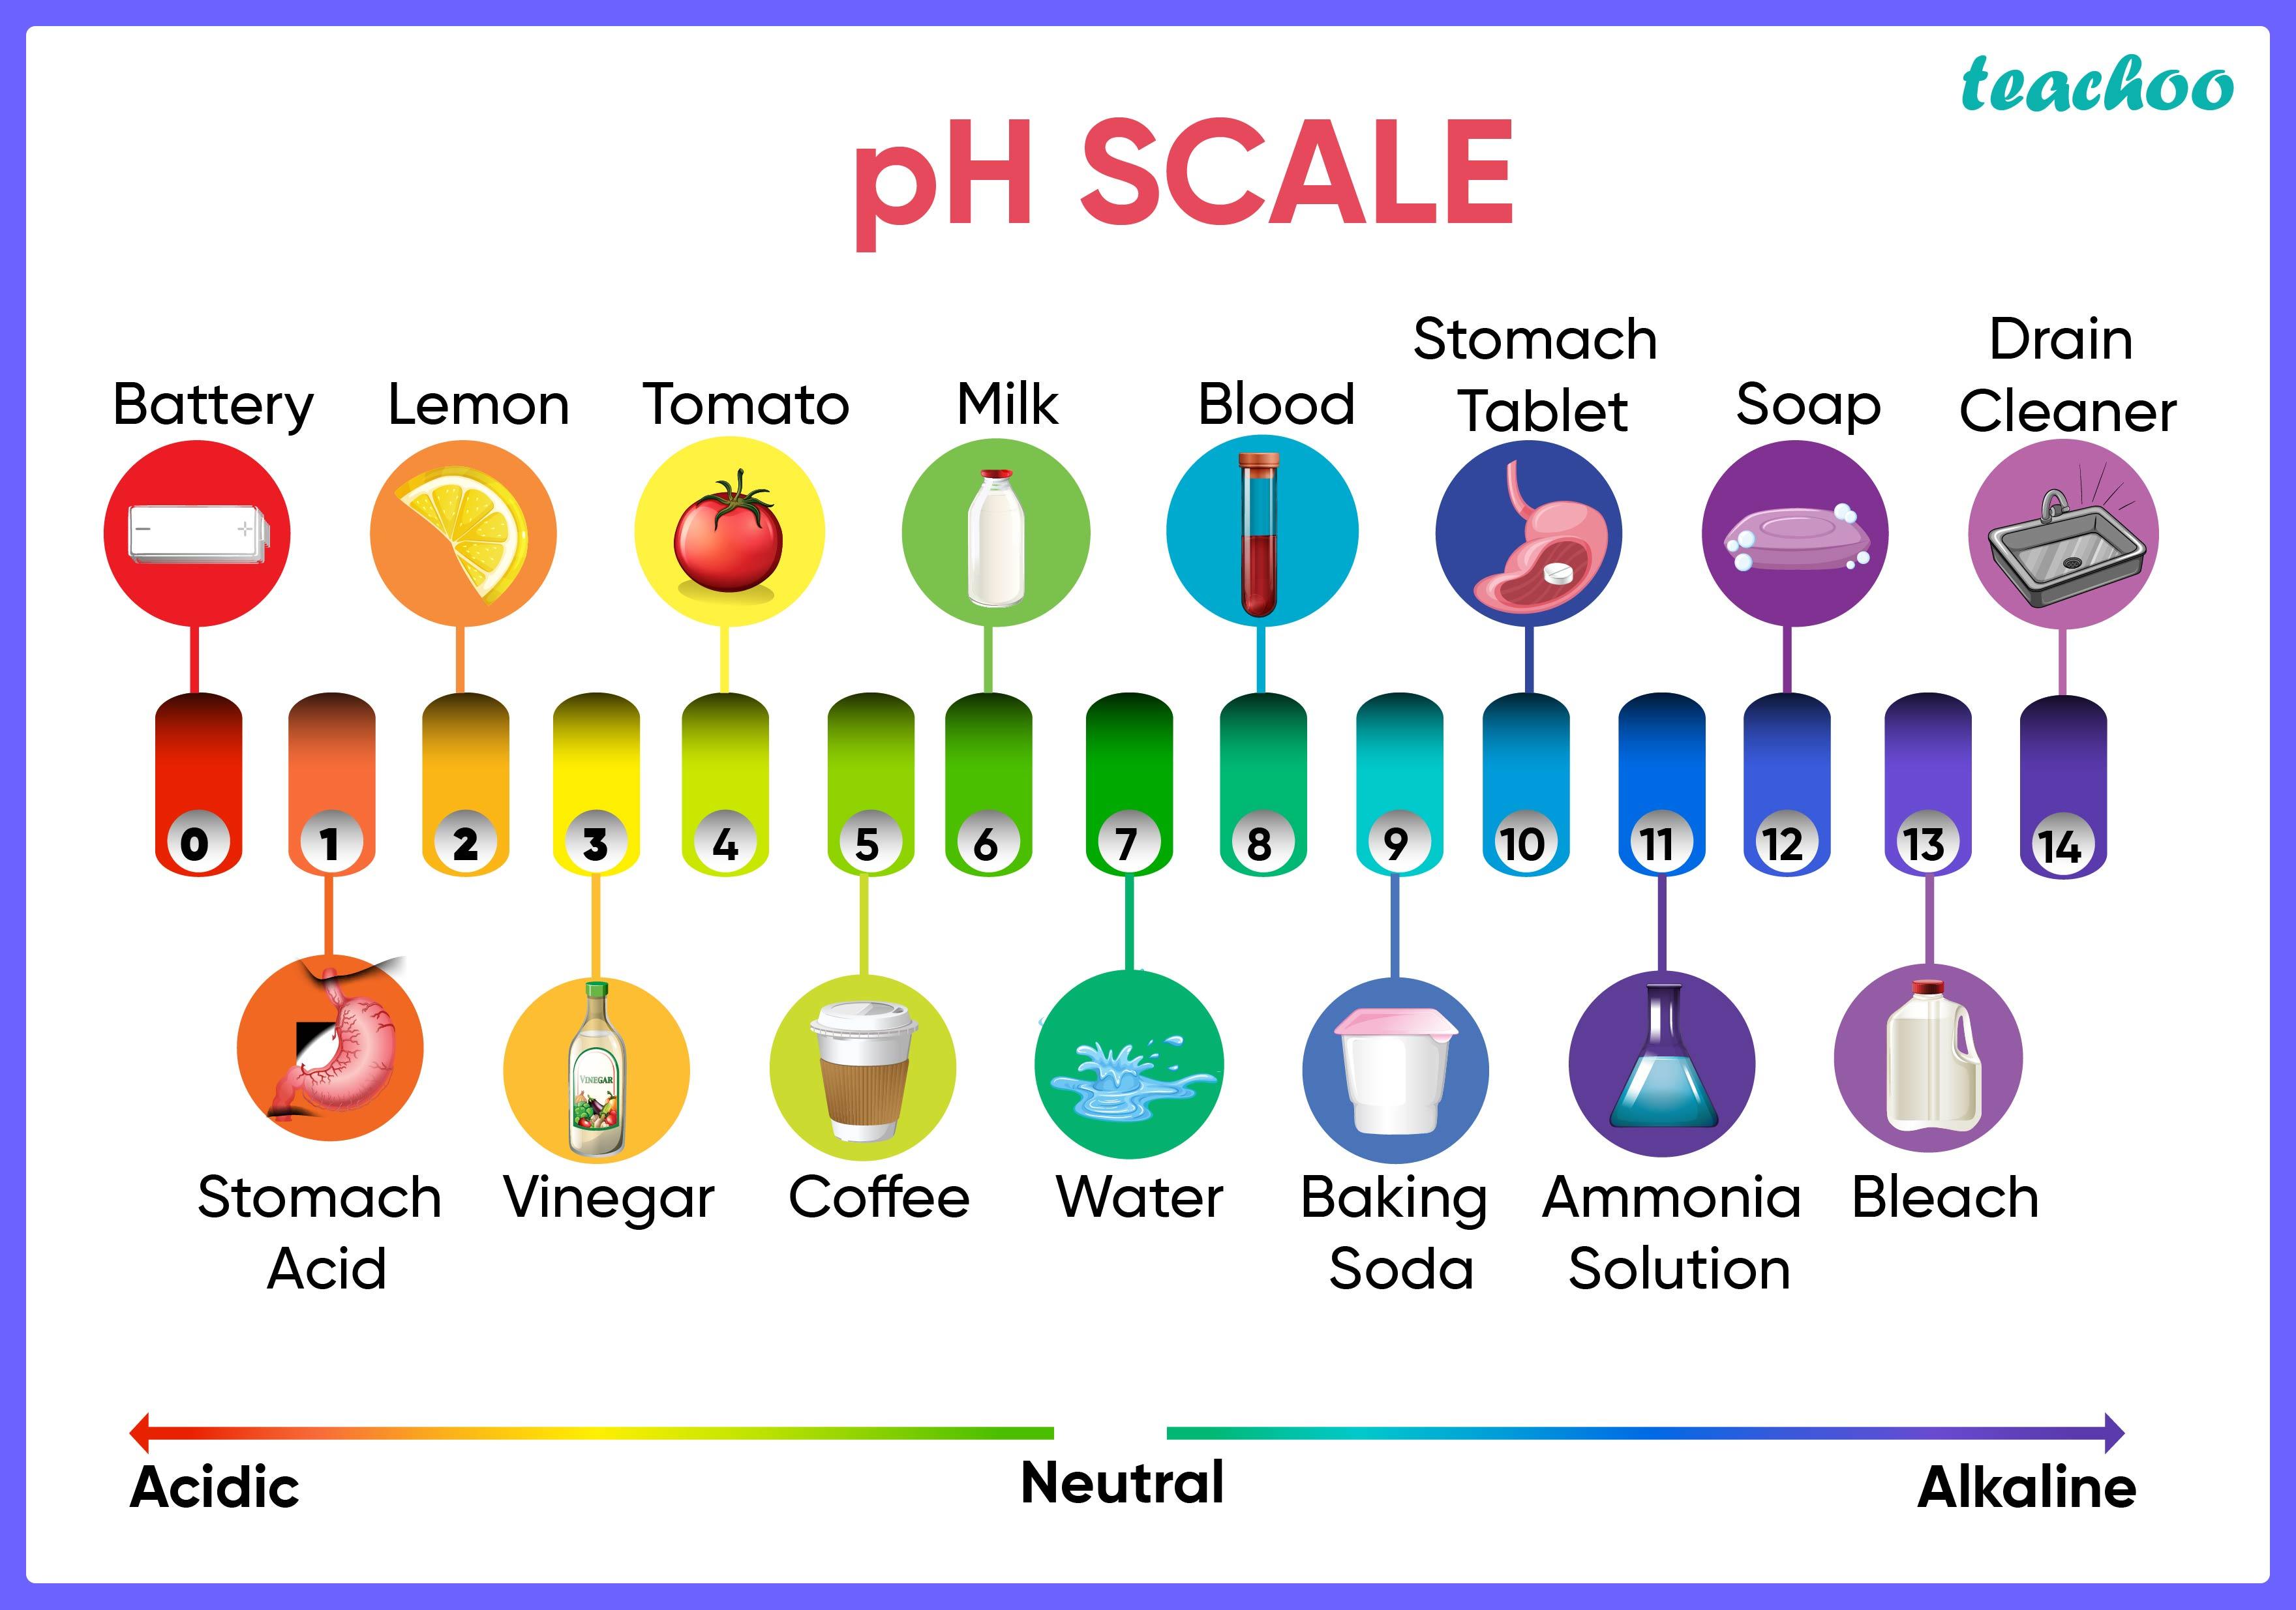 pH scale-Techoo.jpg